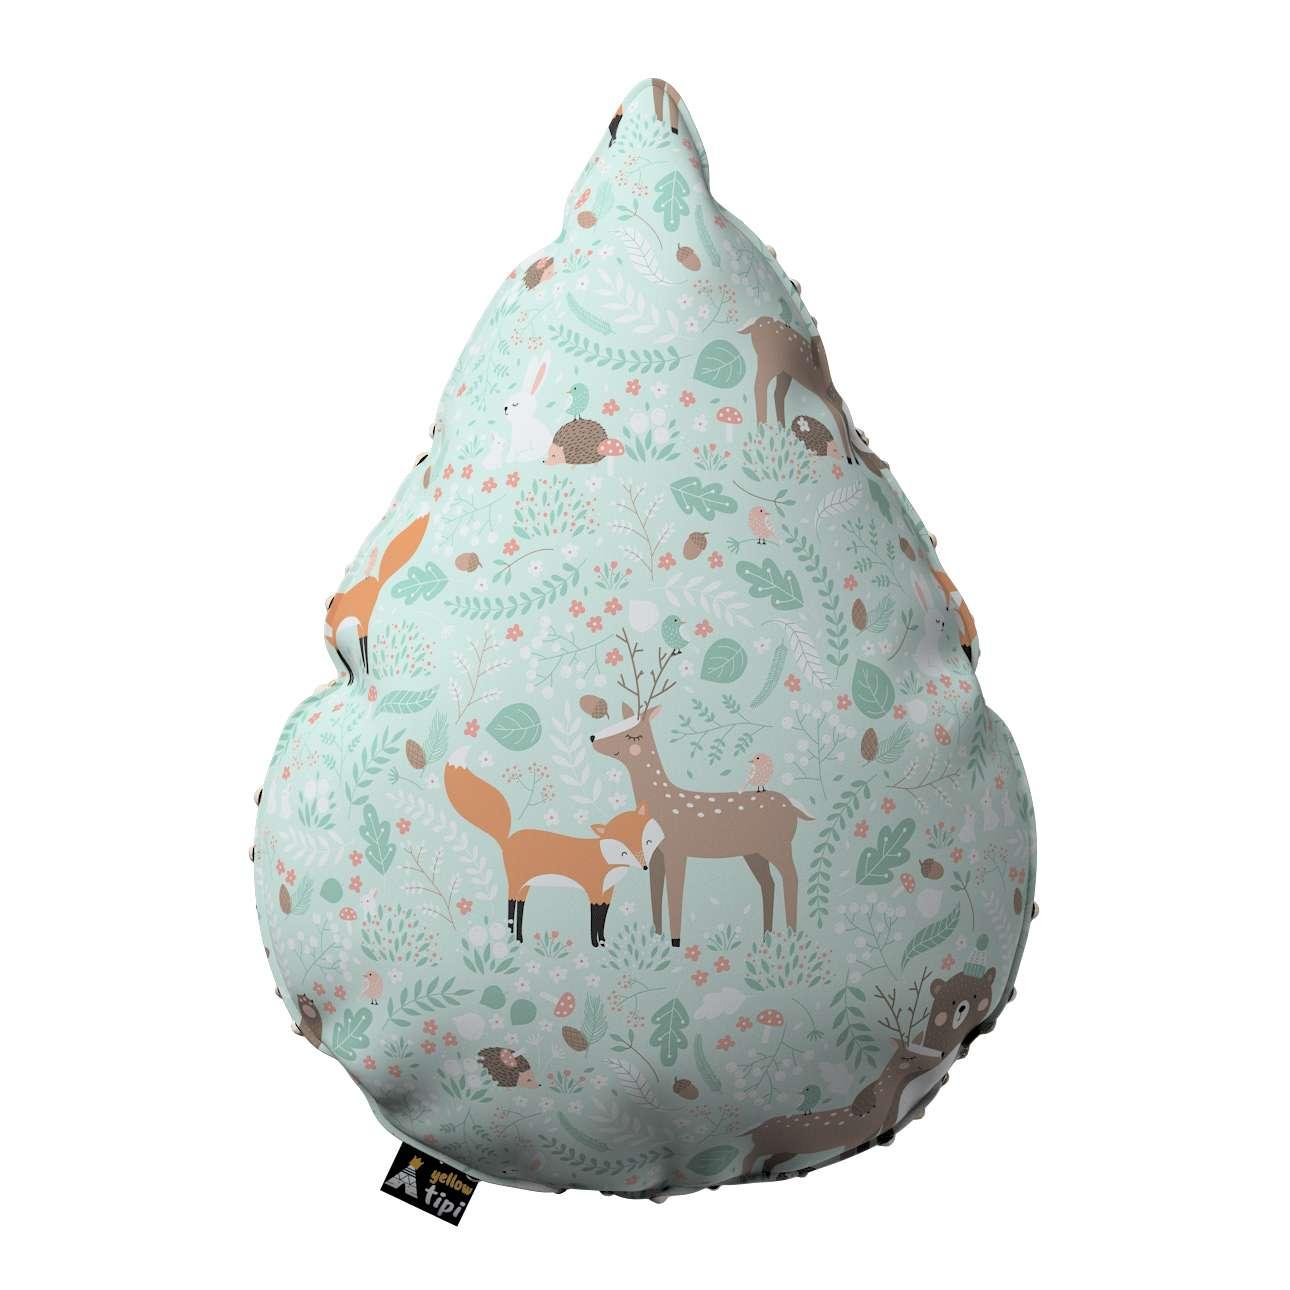 Kissen Sweet Drop aus Minky von der Kollektion Magic Collection, Stoff: 500-15